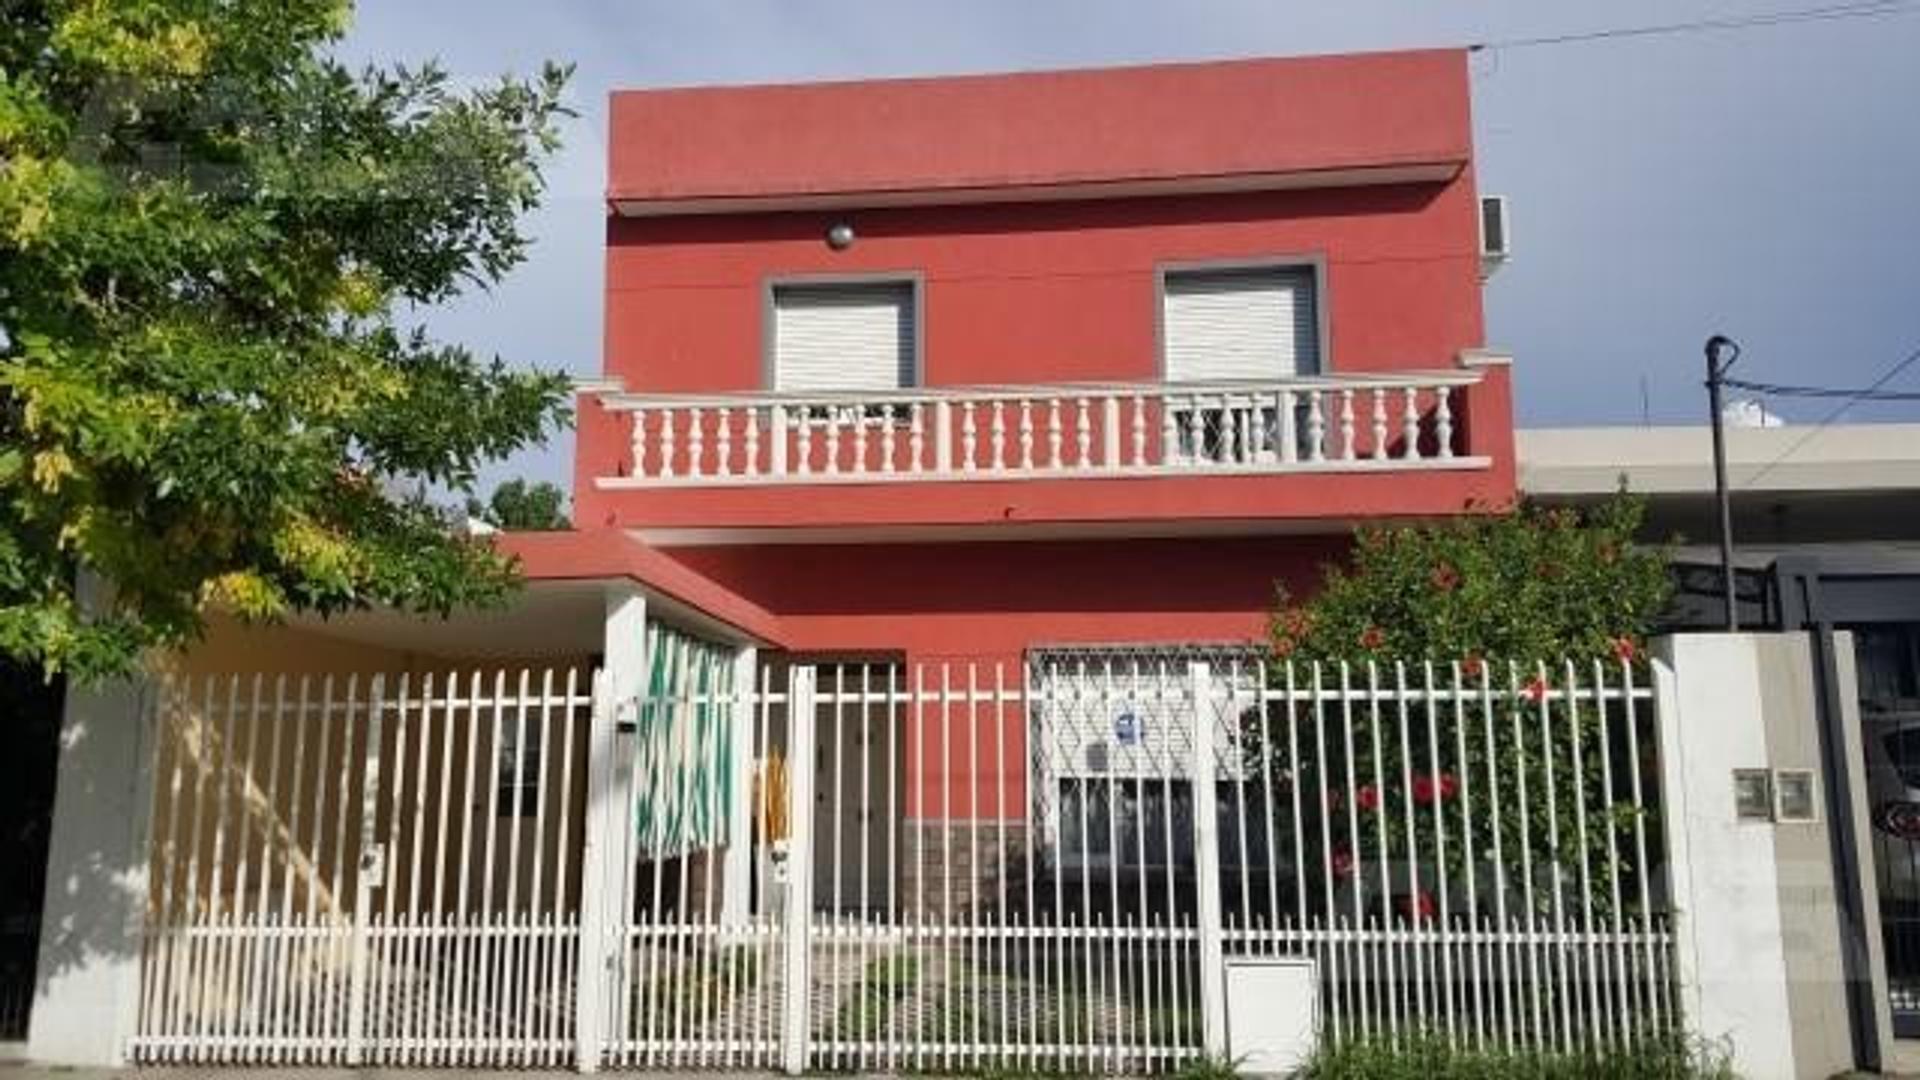 Casa 4 dormitorios en venta a 1 cuadra de la estación de Padua